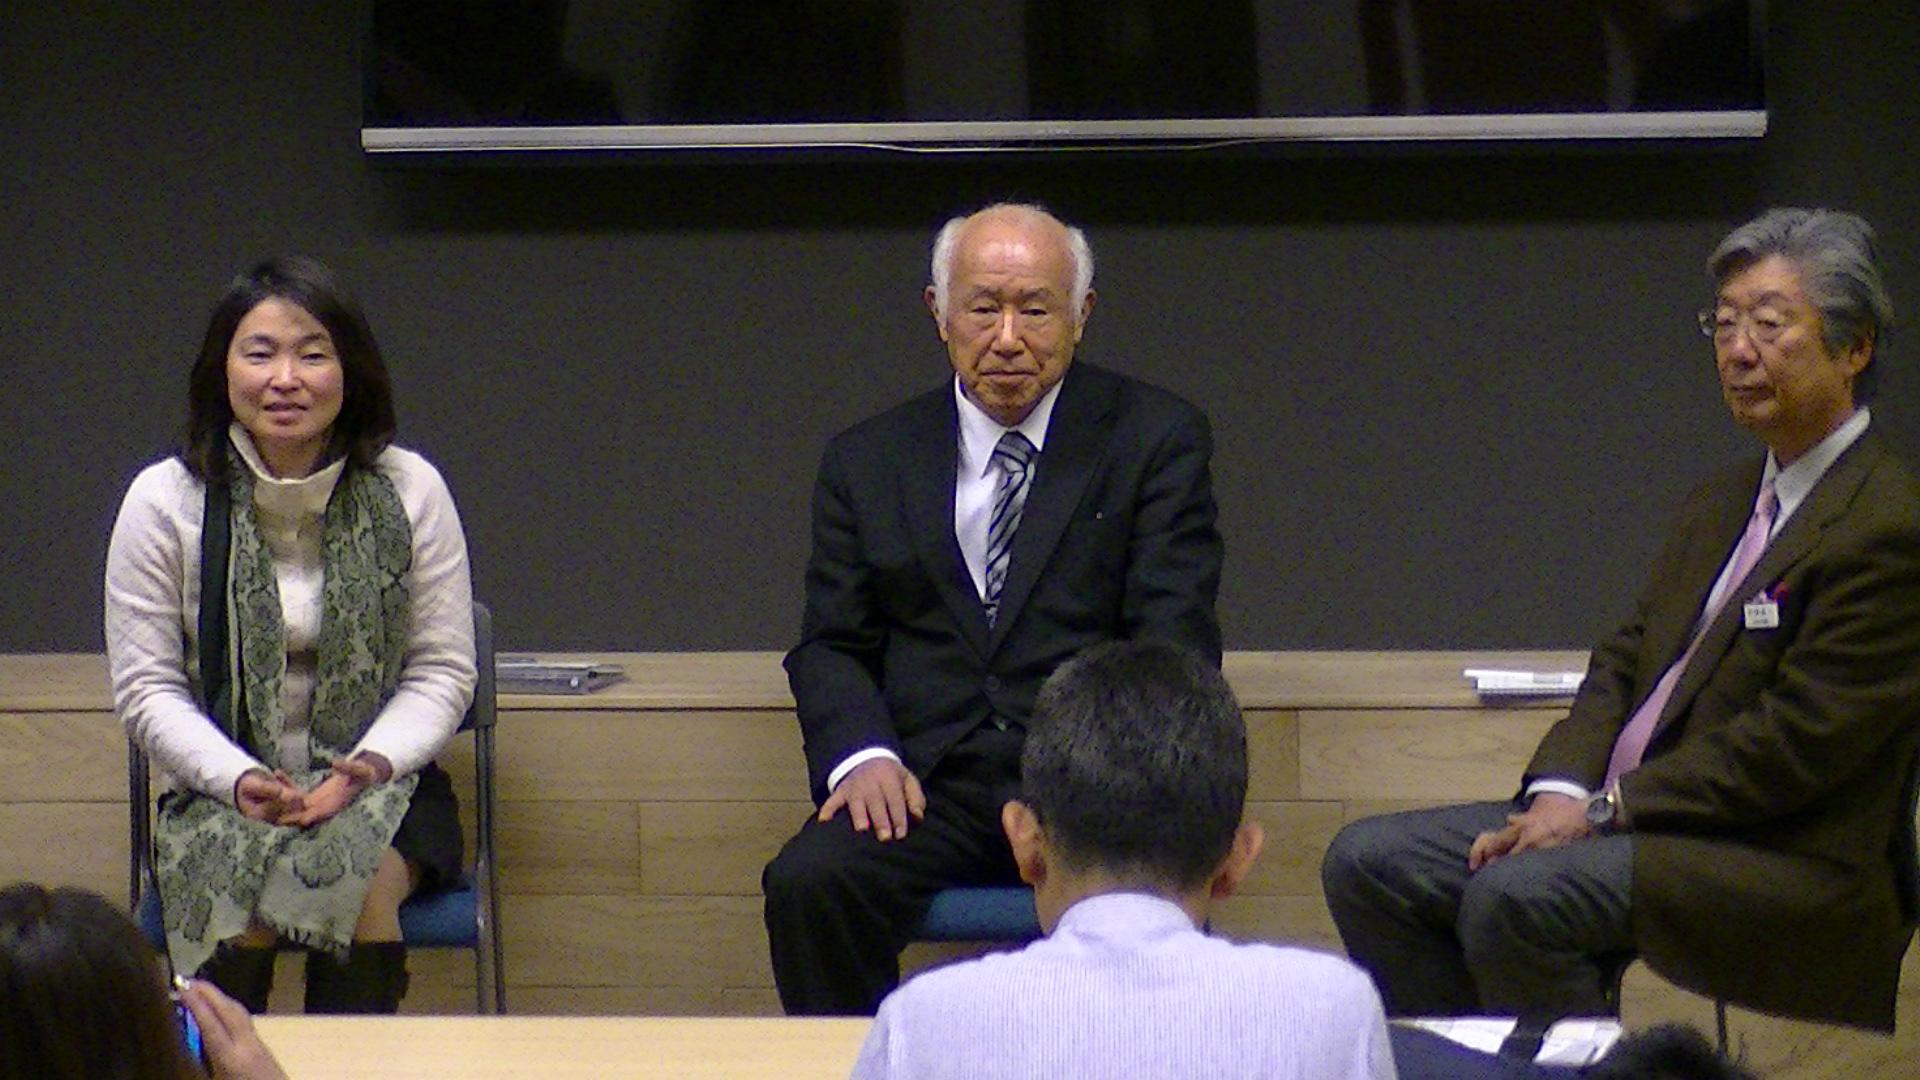 PIC 0548 1 - 平成30年度 東京思風塾 4月7日(土)「時代が問題をつくり、問題が人物をつくる」